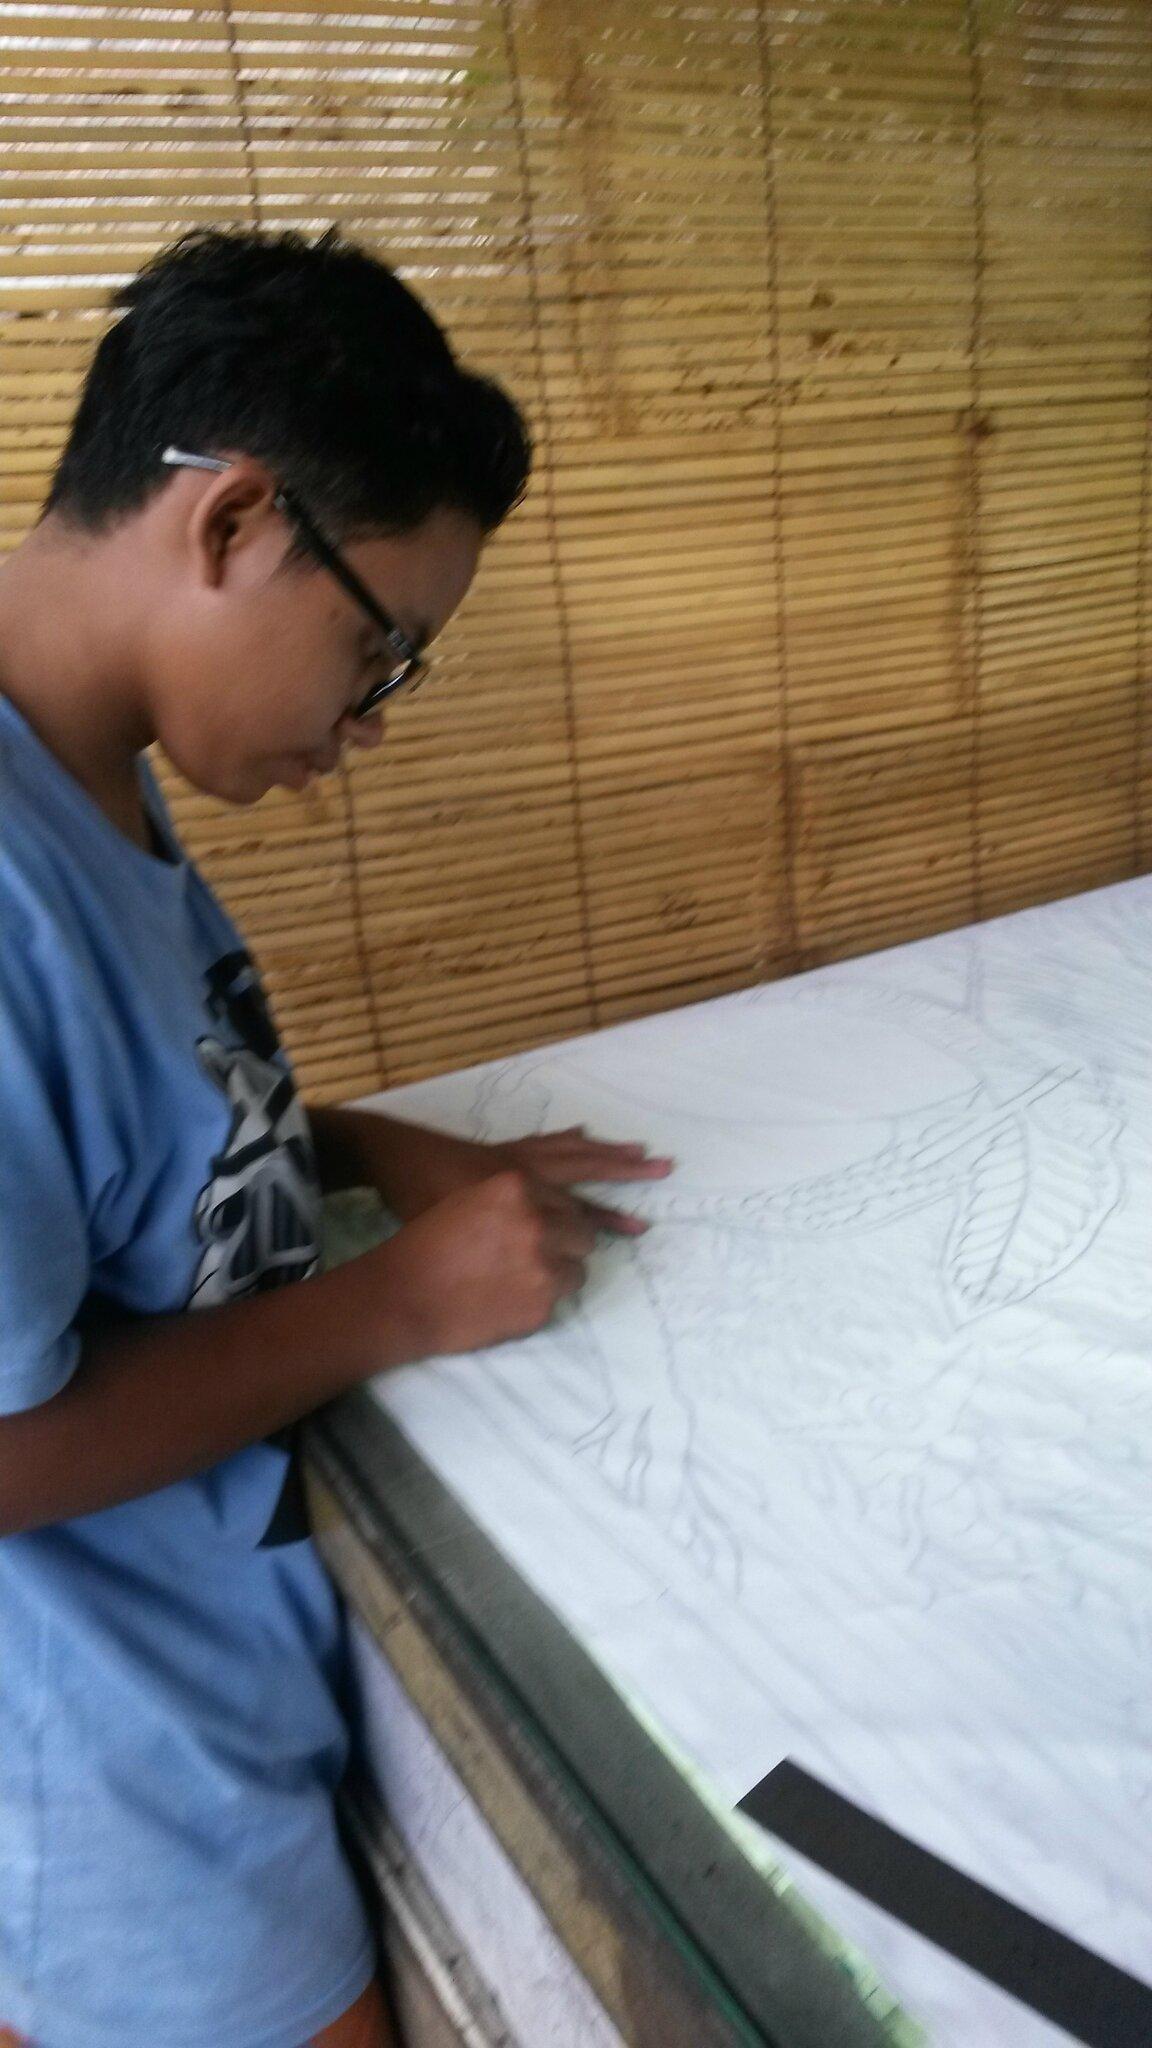 agrandissement de mon dessin .Chaque nappe est dessinée à main levée.